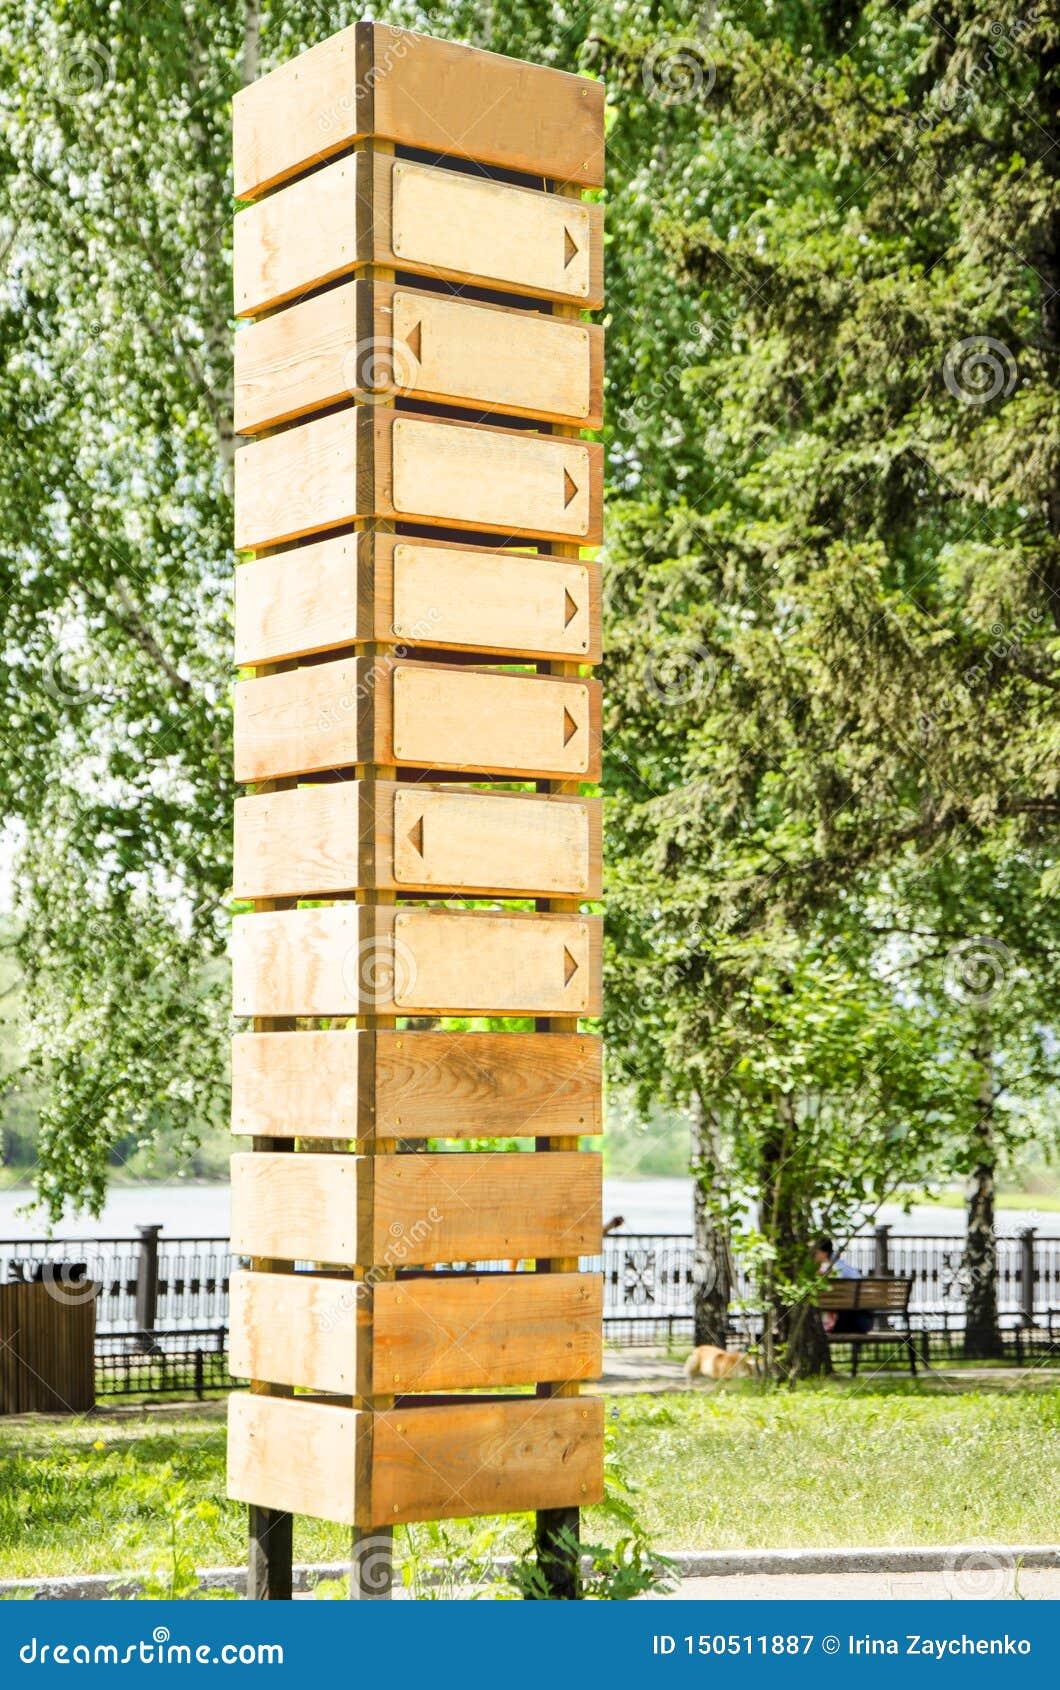 Poteau indicateur en bois vide avec sept flèches